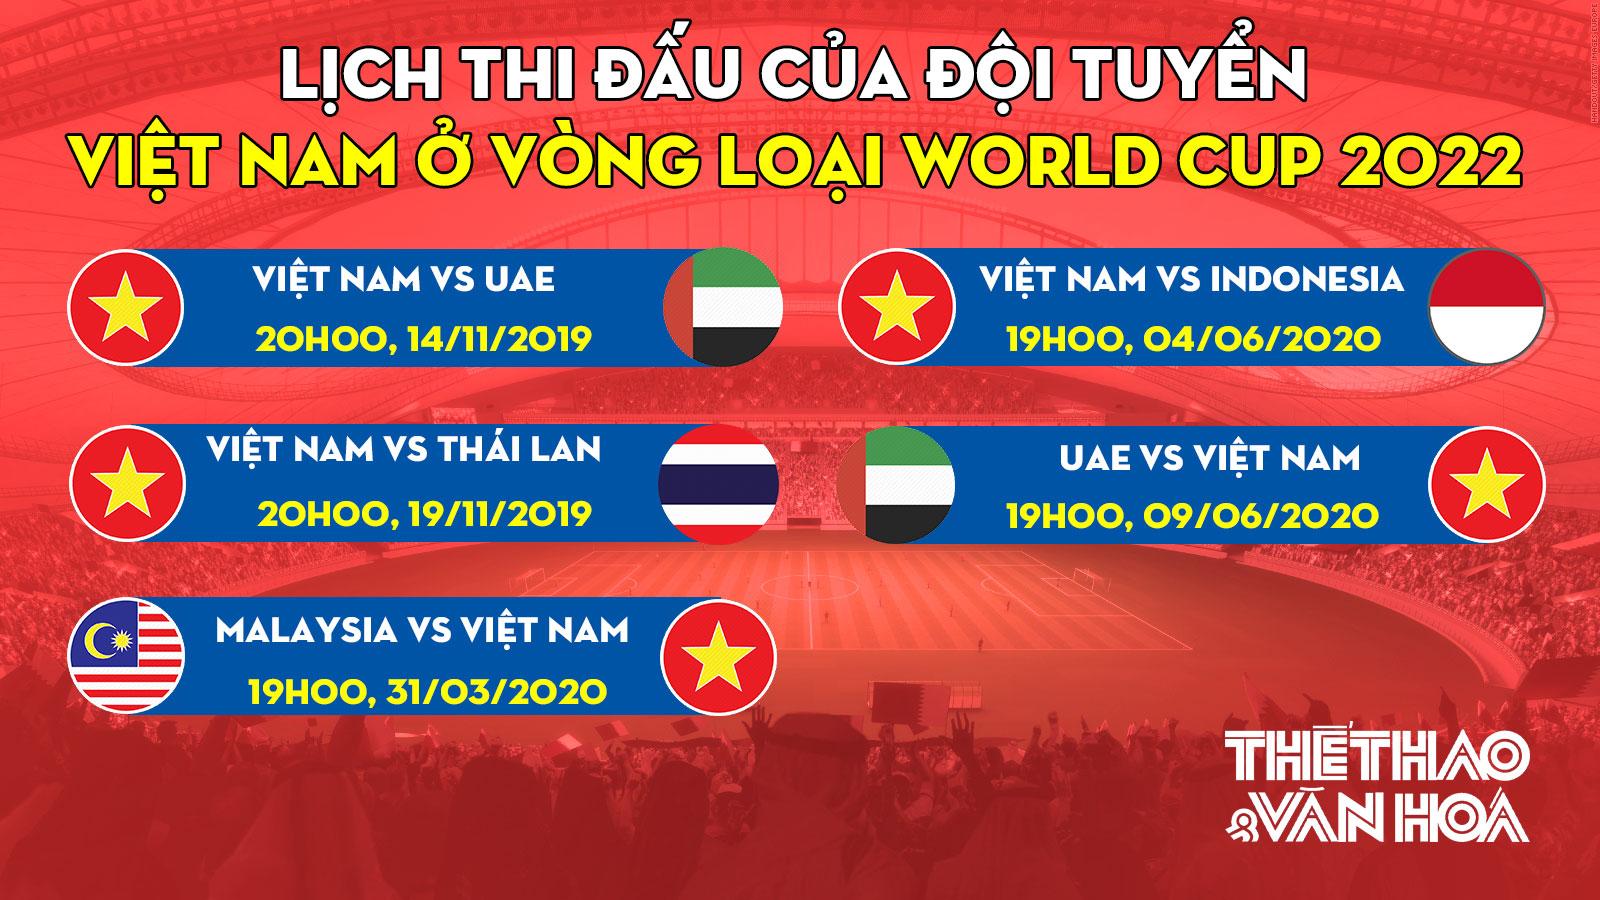 lịch bóng đá WC 2022 VN, lịch thi đấu vòng loại World Cup 2022 bảng G, lich thi dau vong loai World Cup 2022, lịch bóng đá hôm nay, lịch bóng đá Việt Nam, Thái Lan